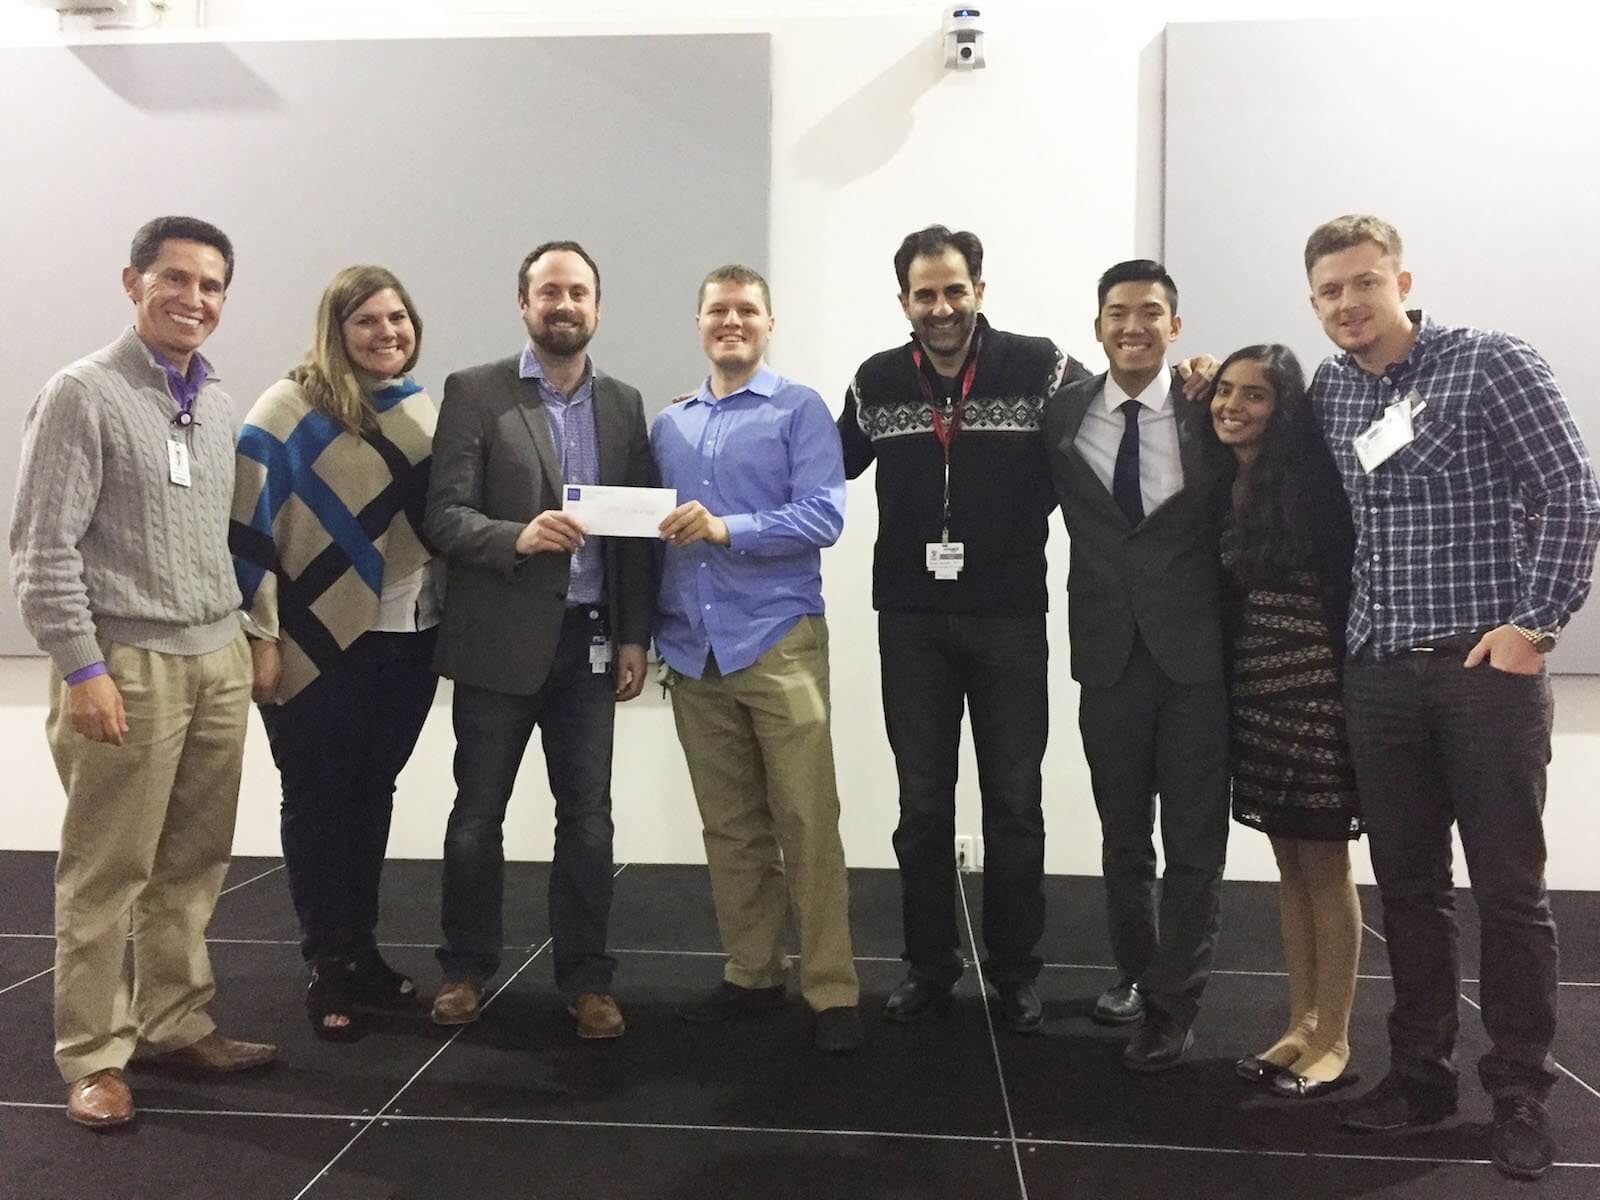 Team ABx won first place for their abdominal aortic repair simulator.